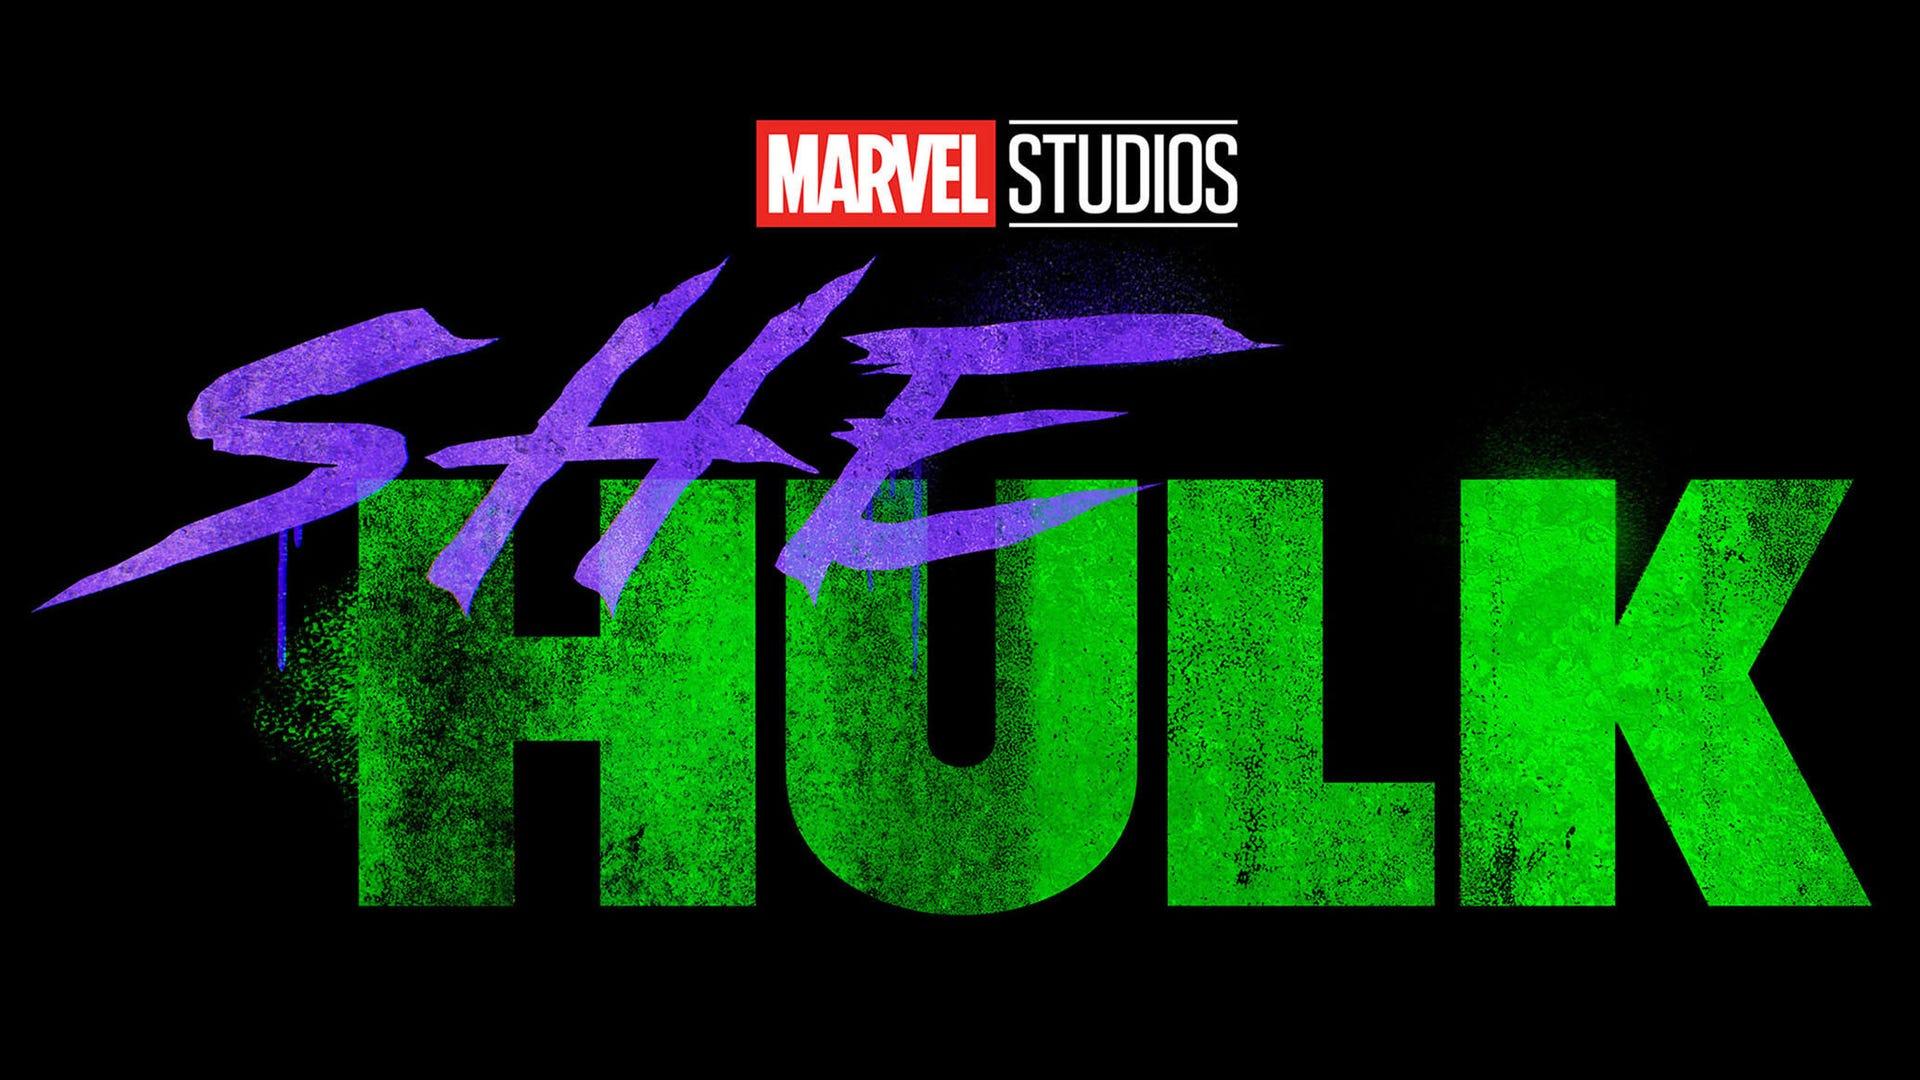 She Hulk key art